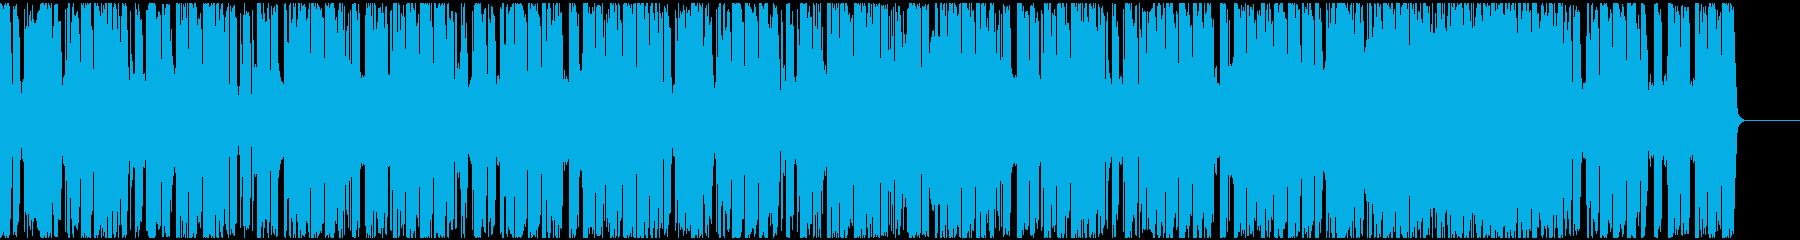 【フューチャーベース】4、ミディアム2の再生済みの波形